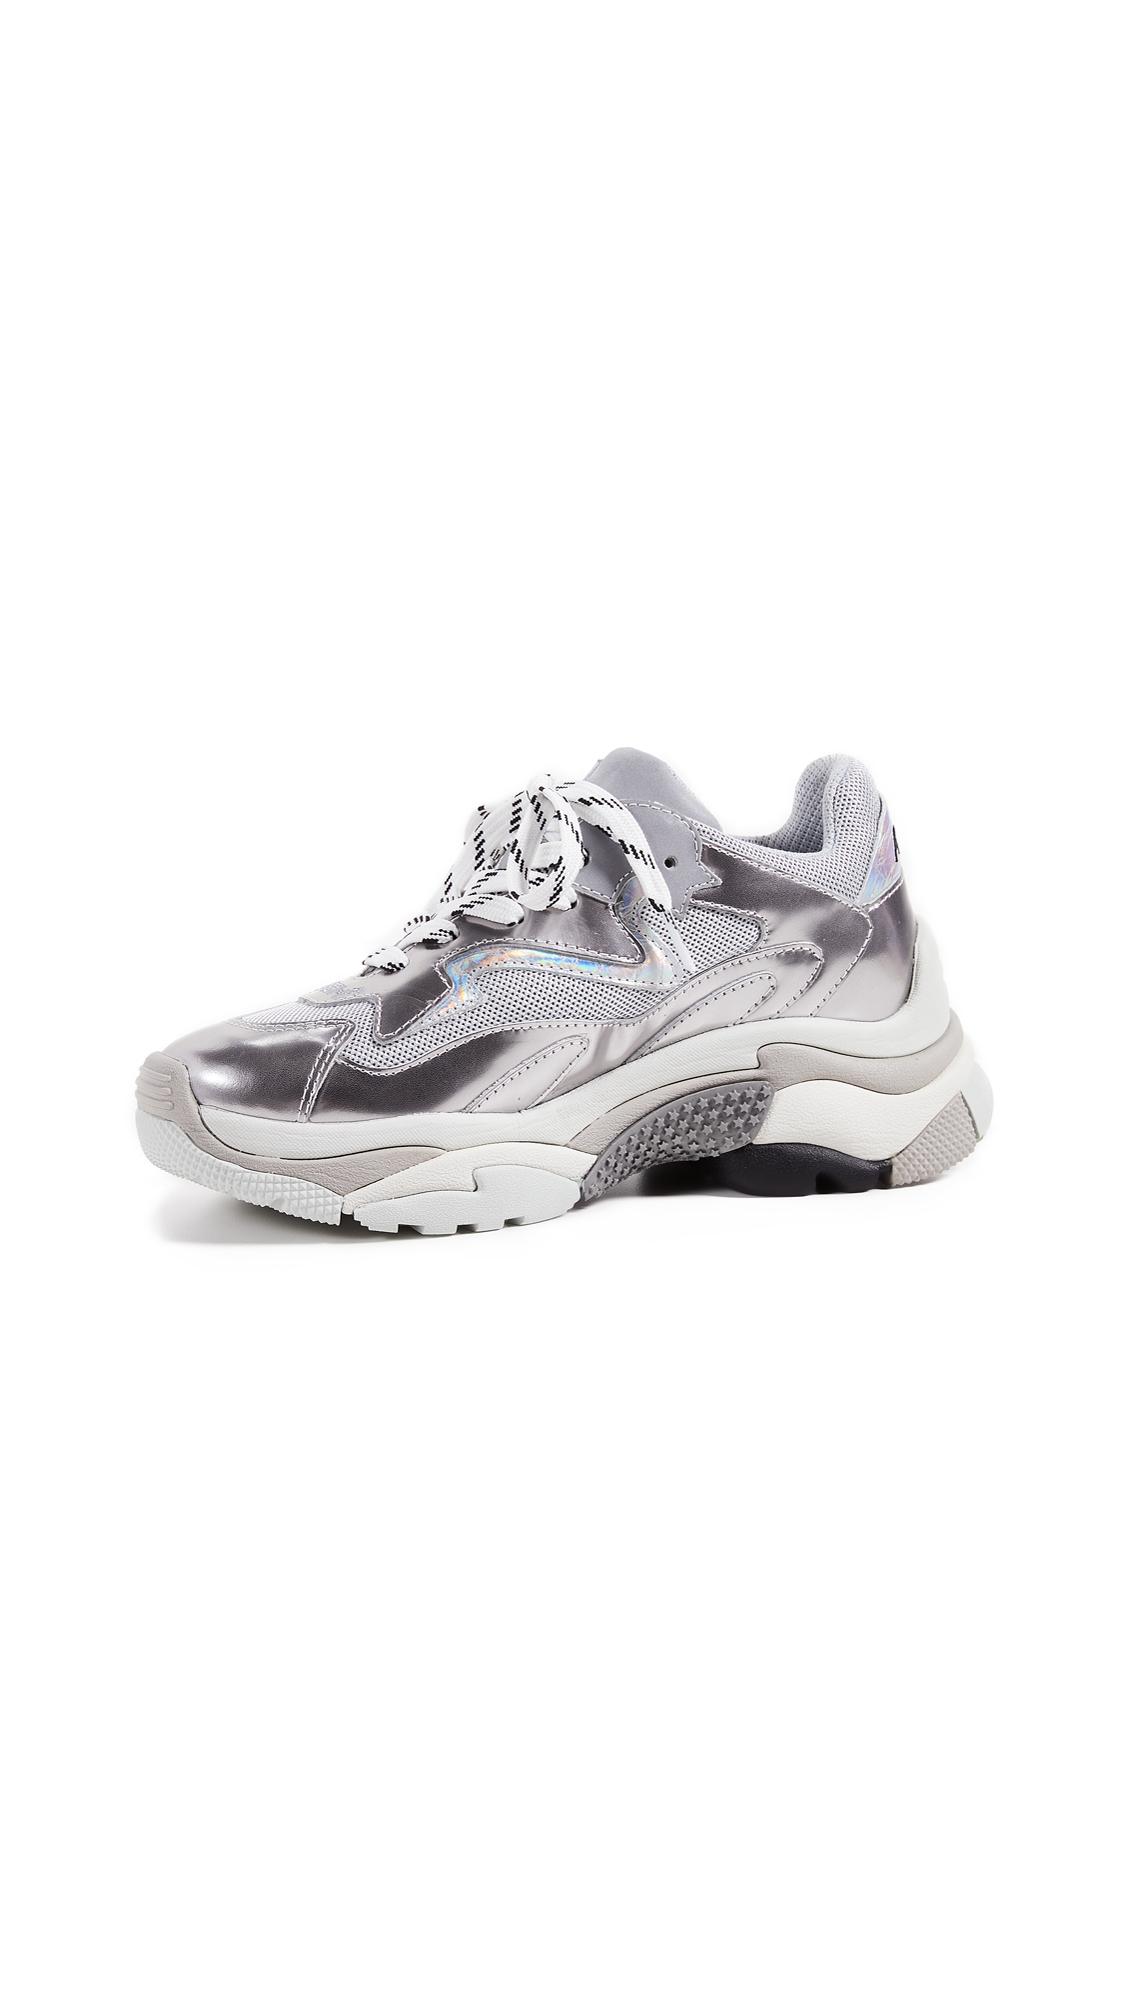 Ash Addict Trainers - Silver/Grigio/Silver/White